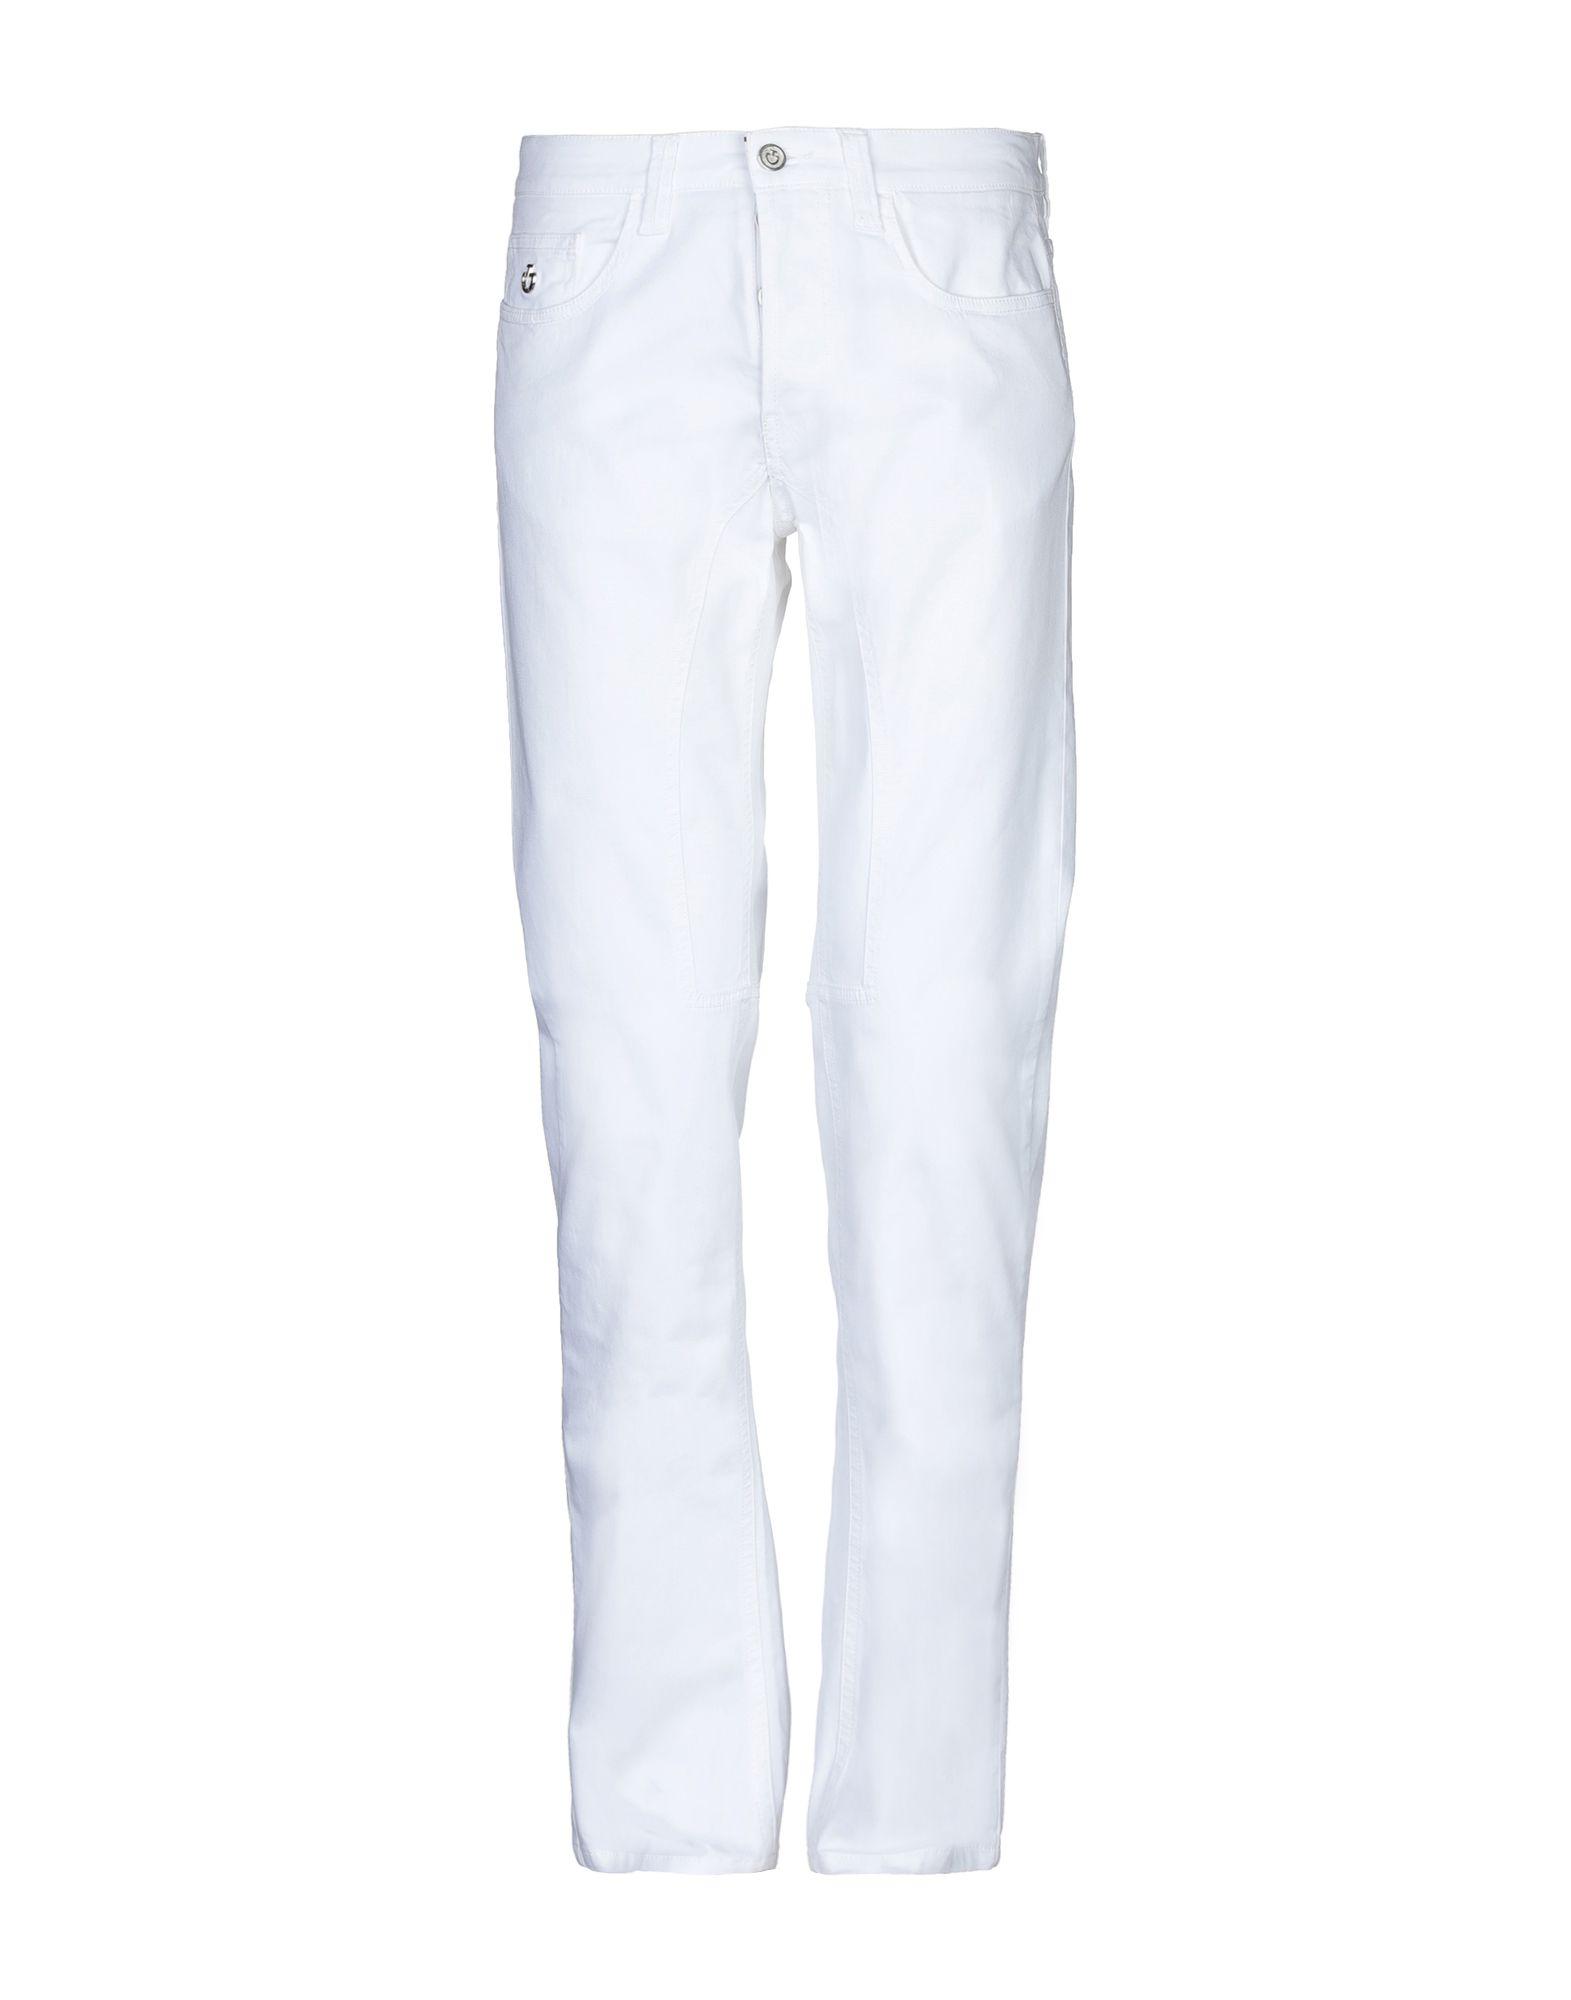 CAVALLERIA TOSCANA Повседневные брюки cavalleria toscana пиджак